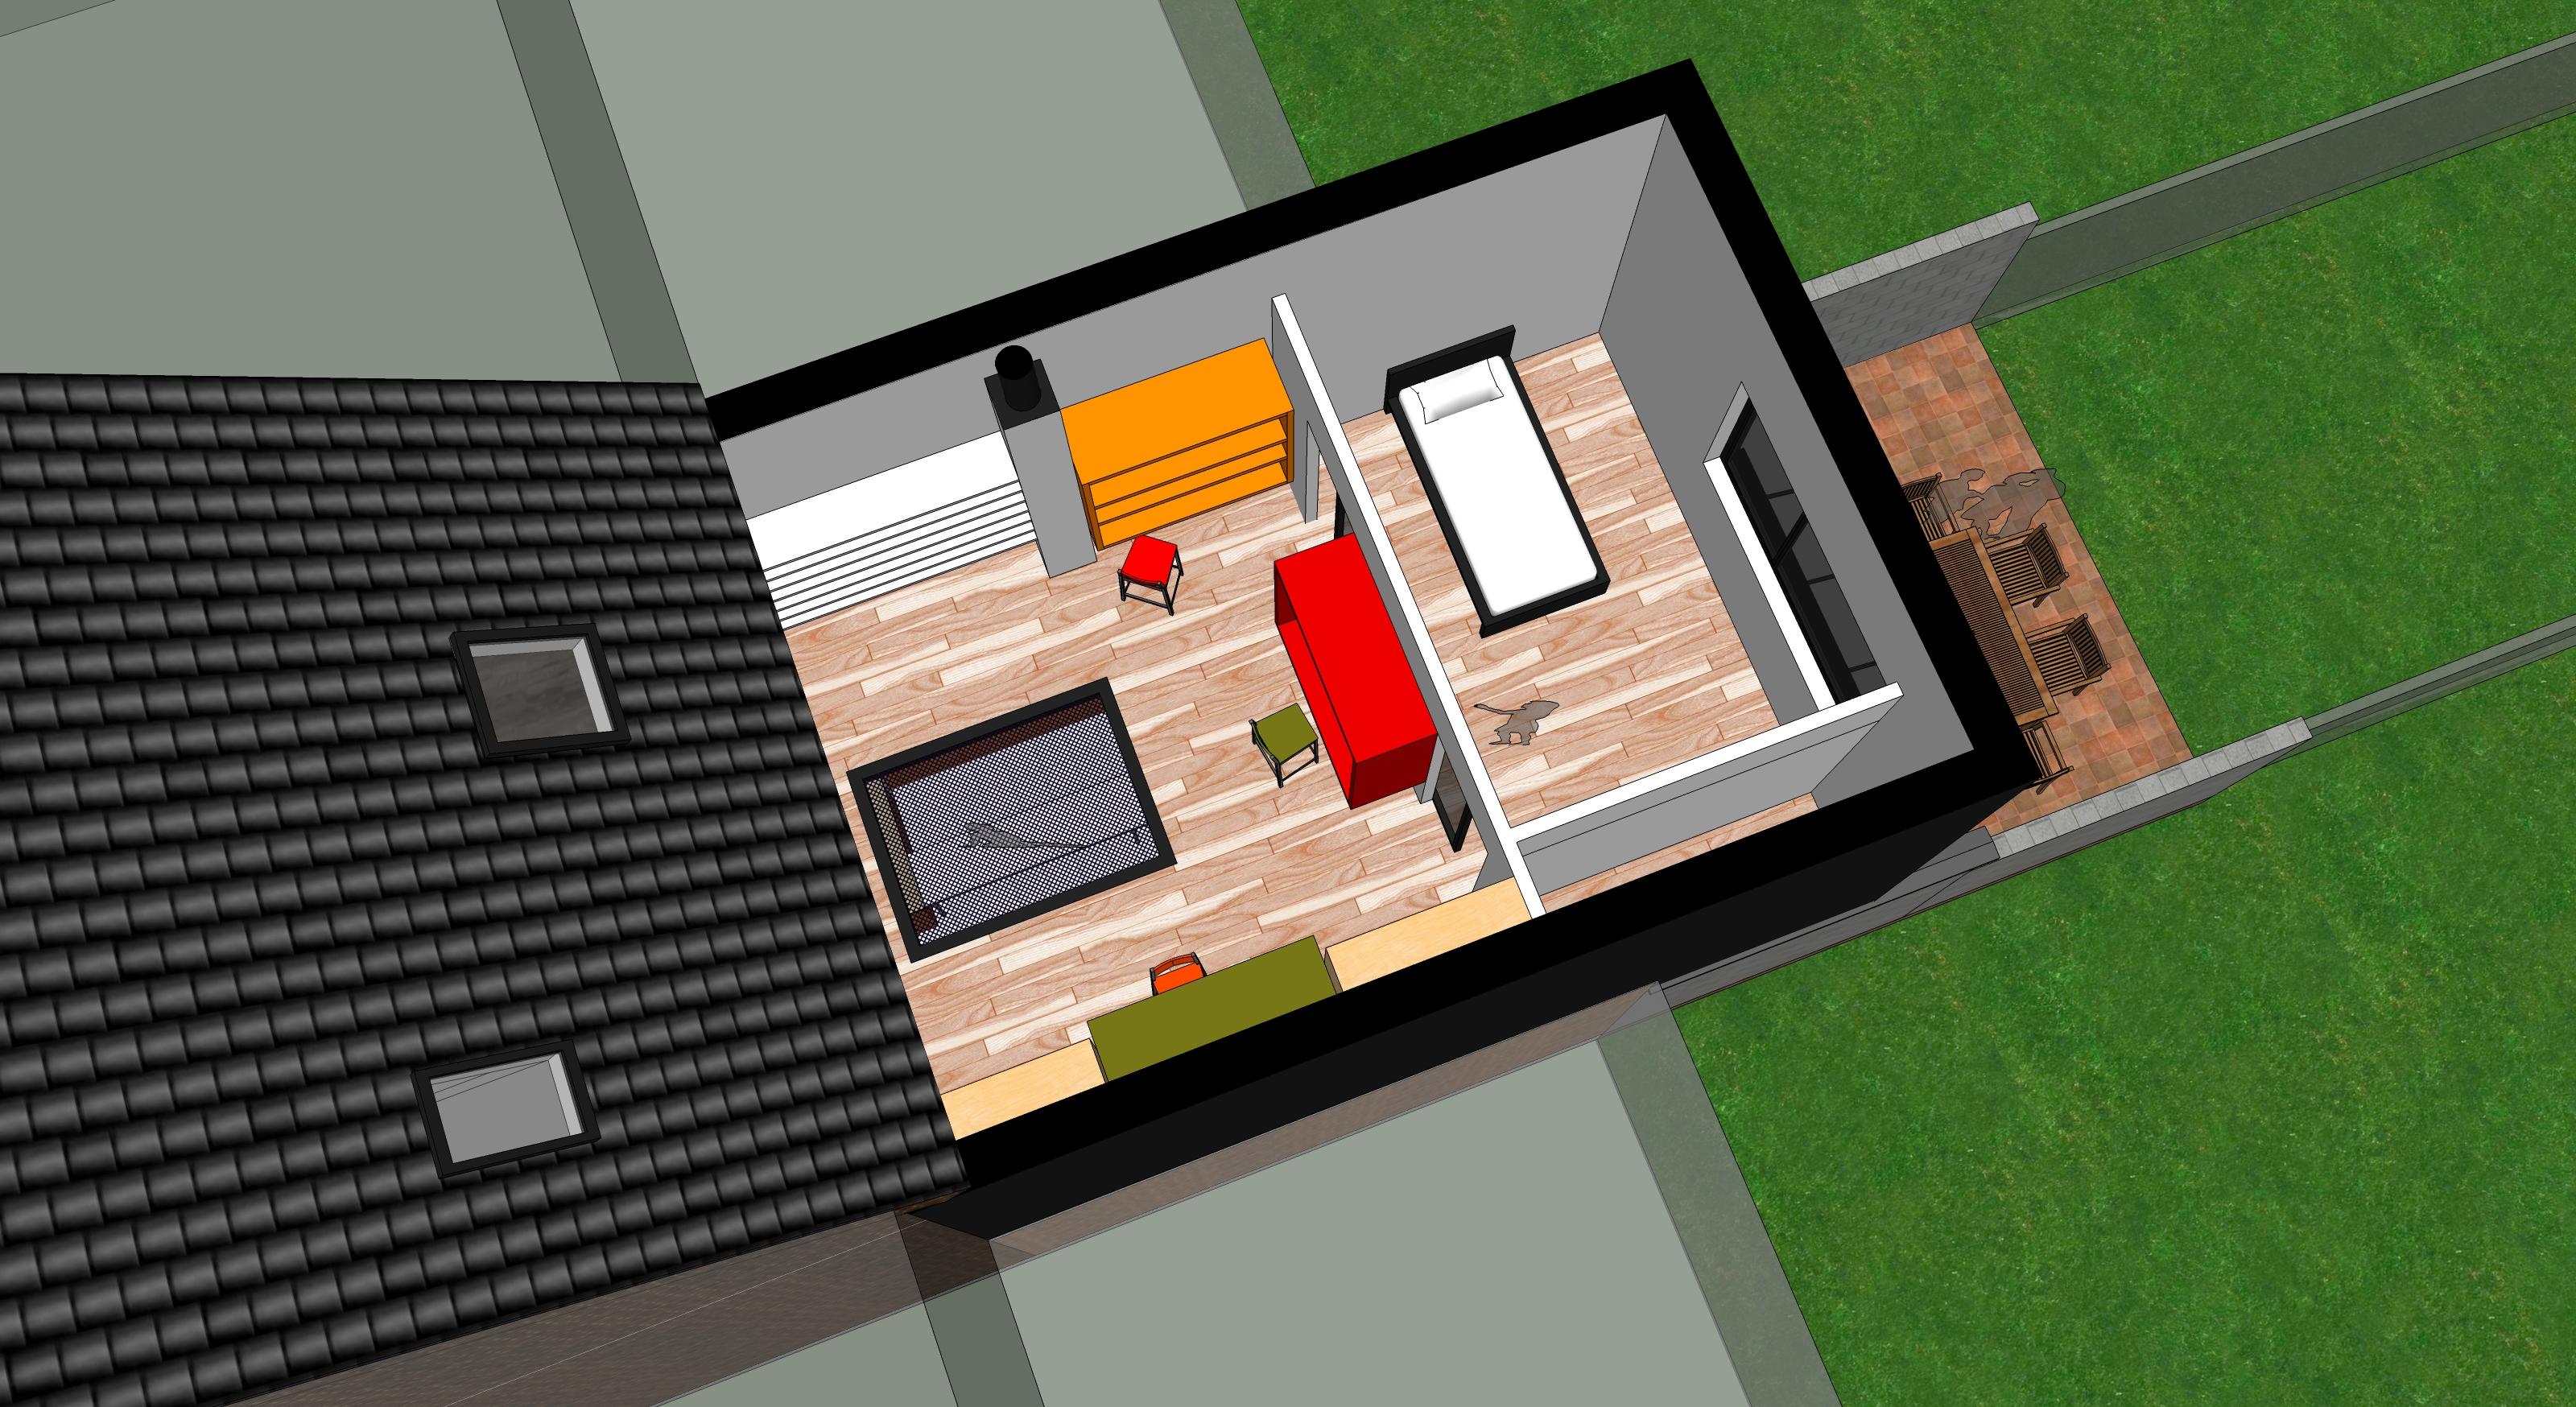 3D-MONFRONT-PROJET-V2-19-02-14-vue4